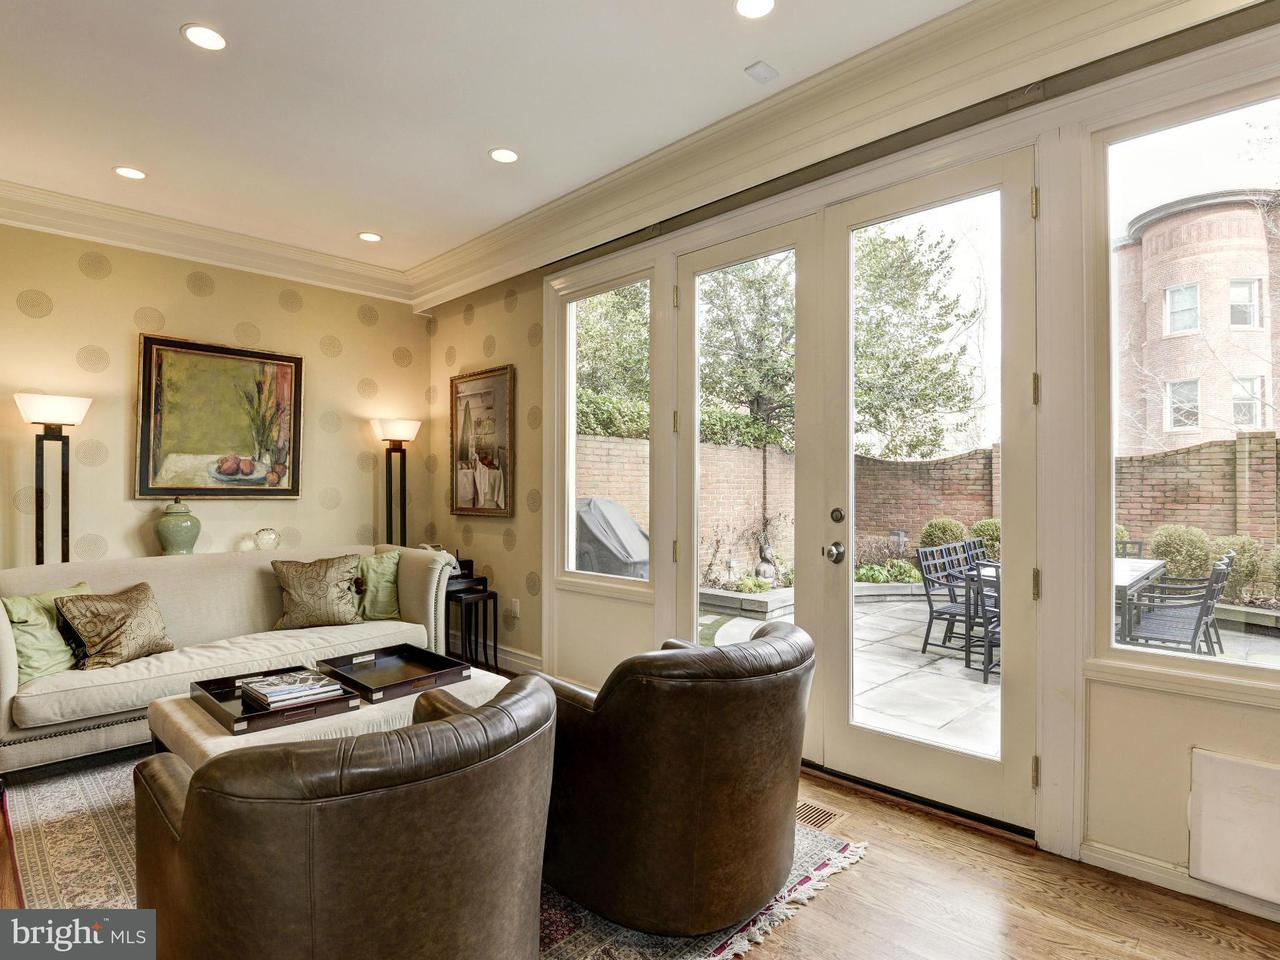 Additional photo for property listing at 1809 Kalorama Square Nw 1809 Kalorama Square Nw Washington, コロンビア特別区 20009 アメリカ合衆国